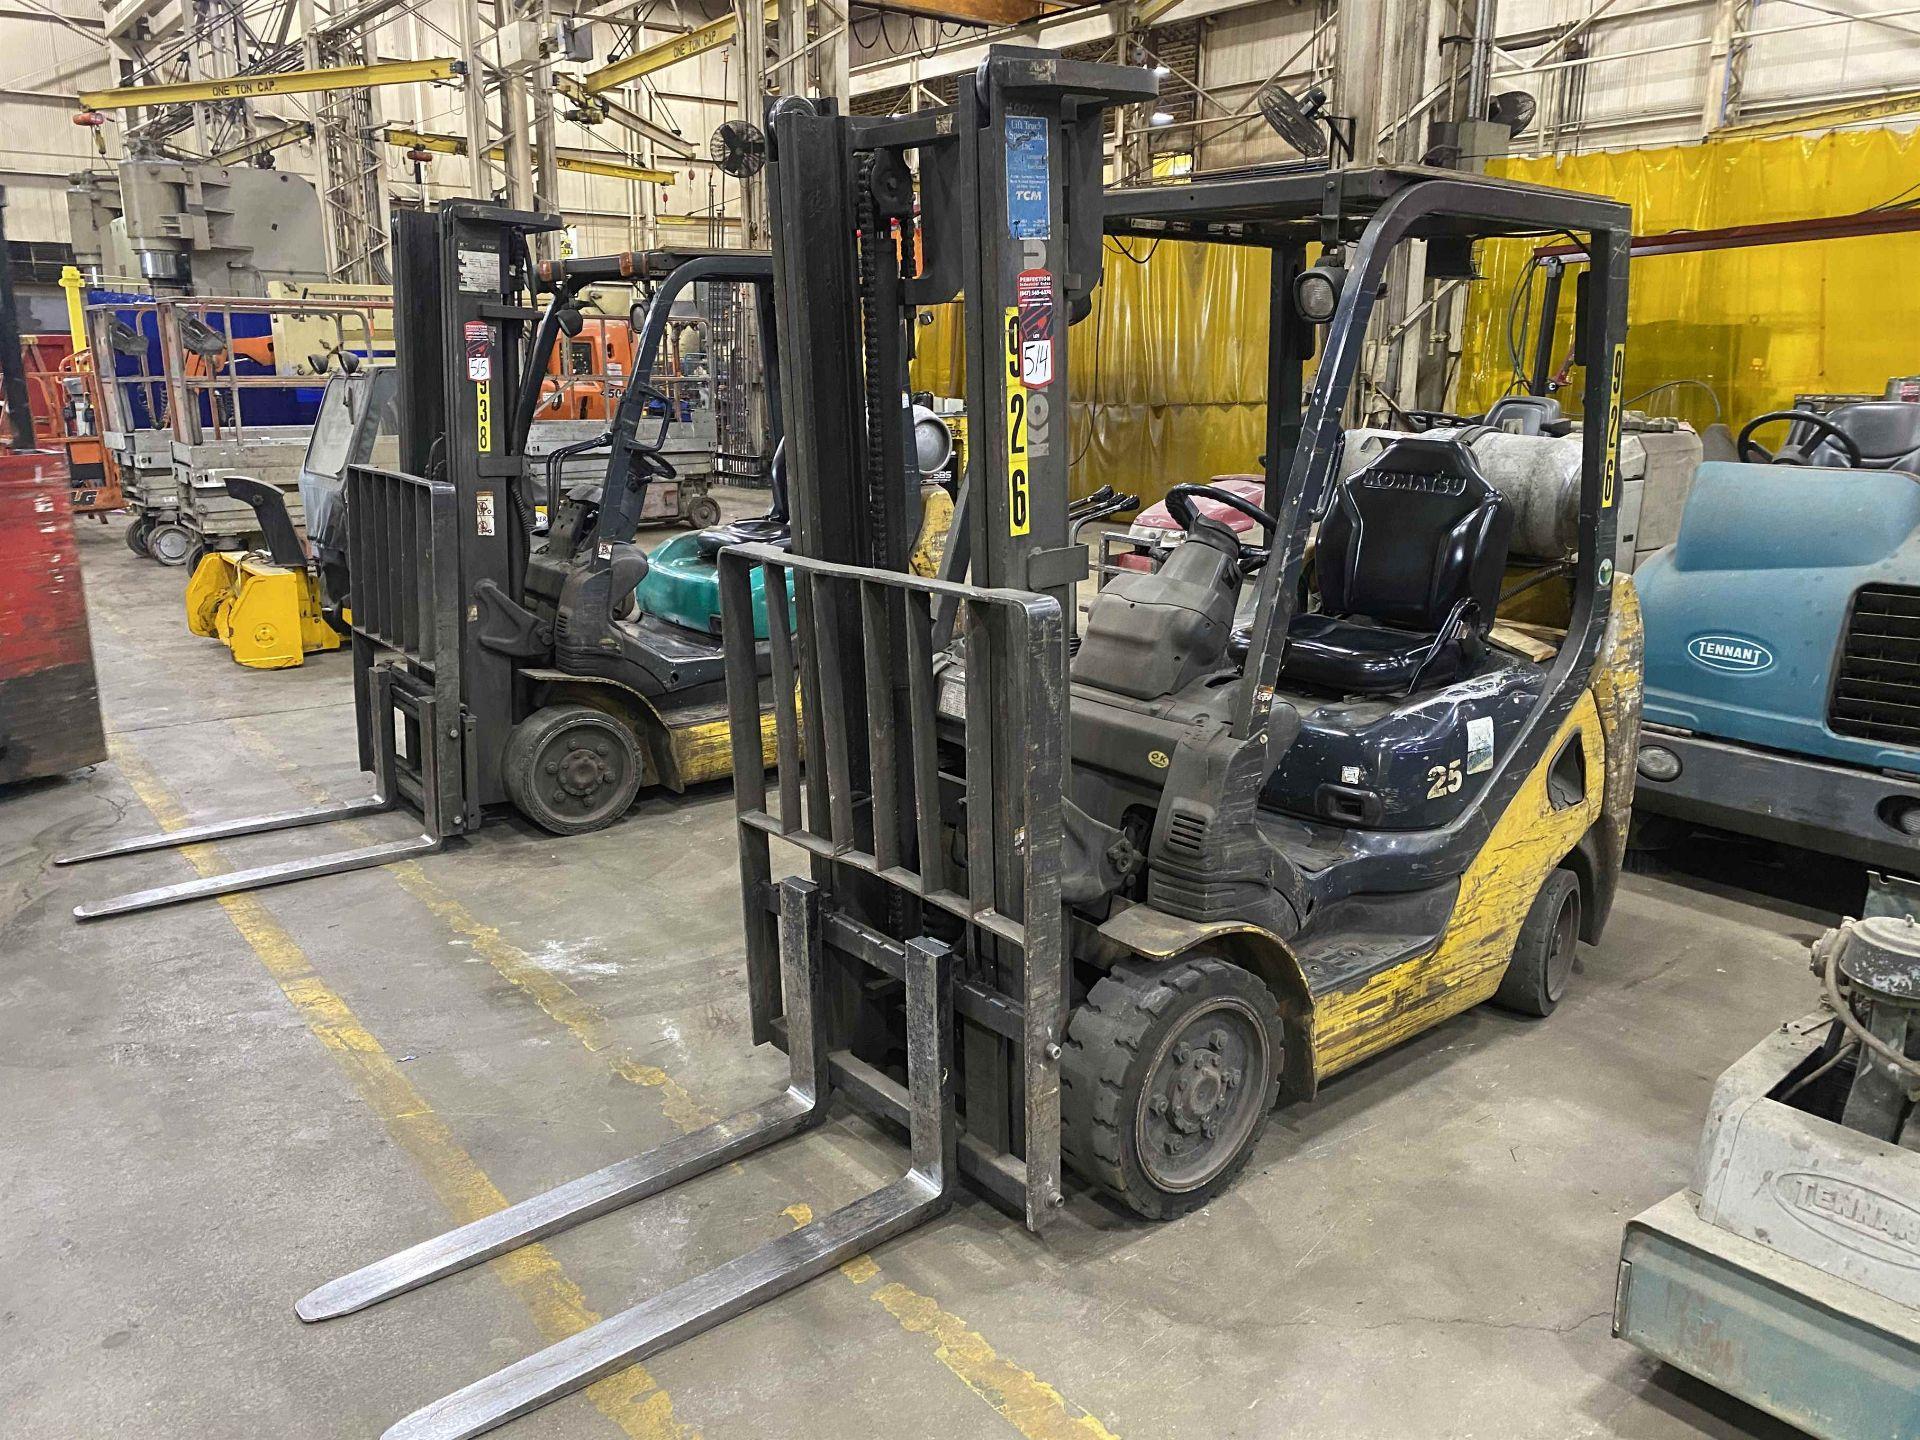 """KOMATSU FG25ST-16 5,000 Lb. LPG Forklift, s/n A234349, Two-Stage Mast, Side Shift, 48"""" Fork"""